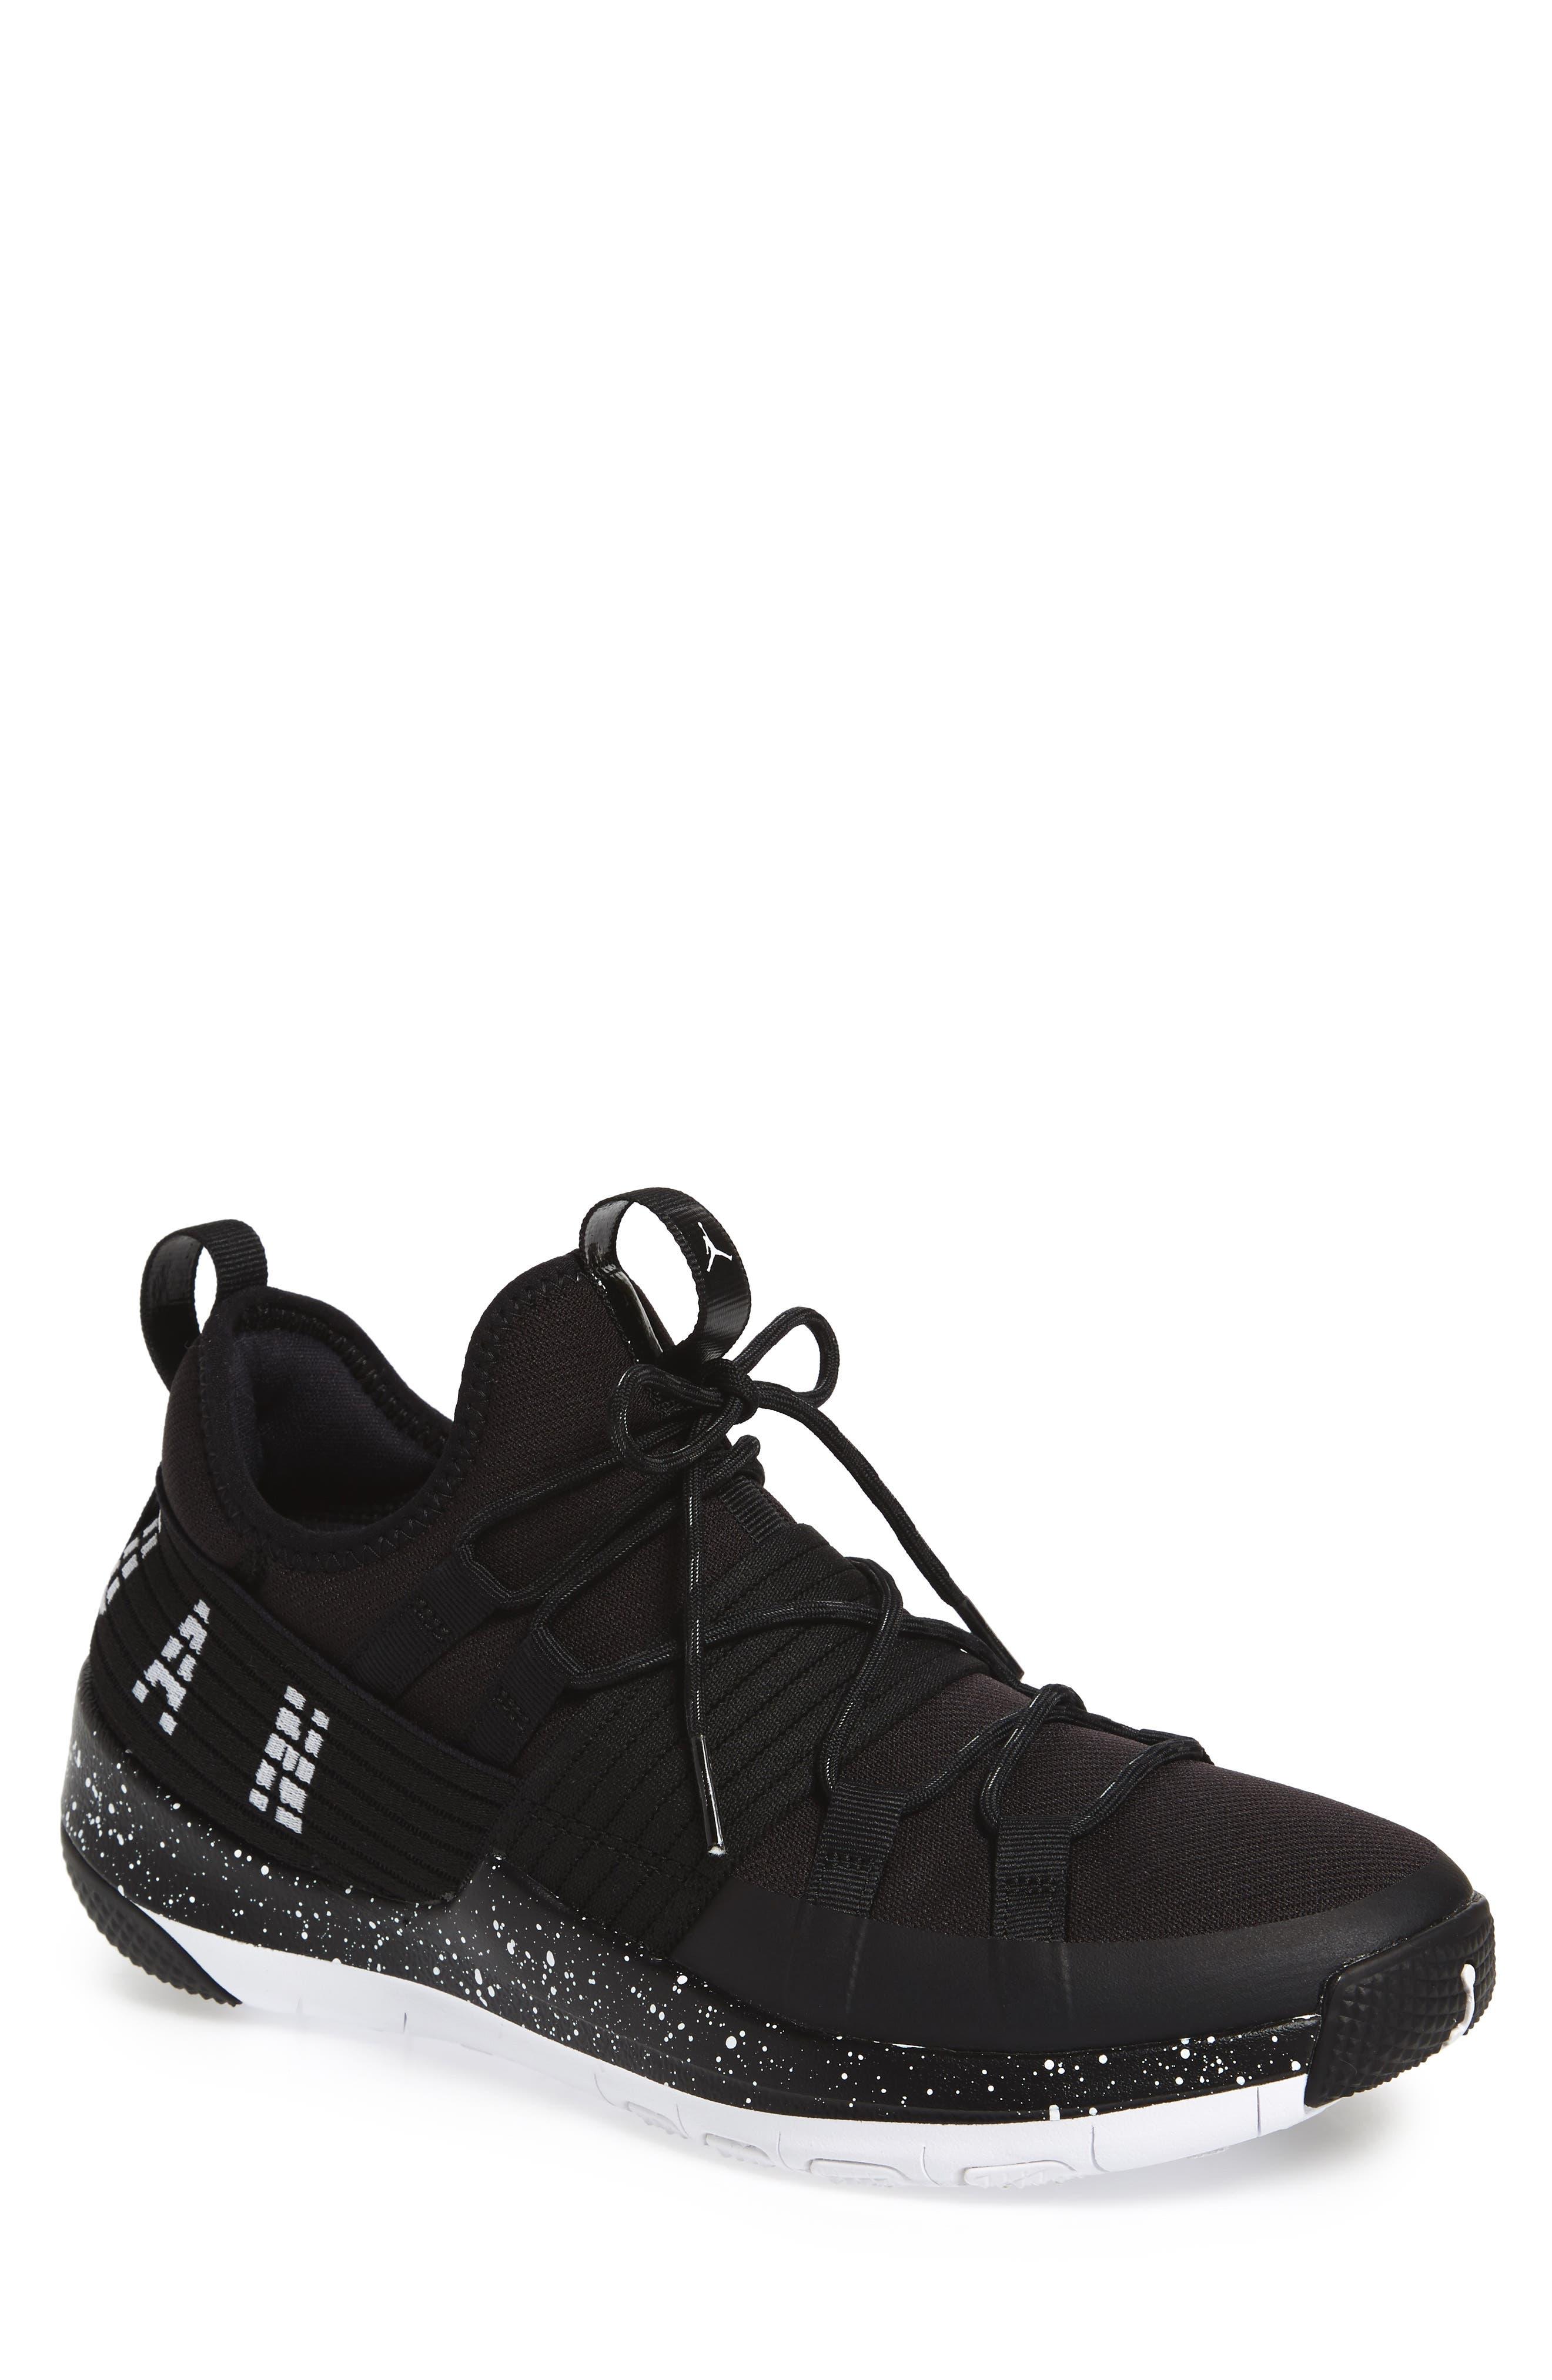 Nike Jordan Trainer Pro Training Shoe (Men)